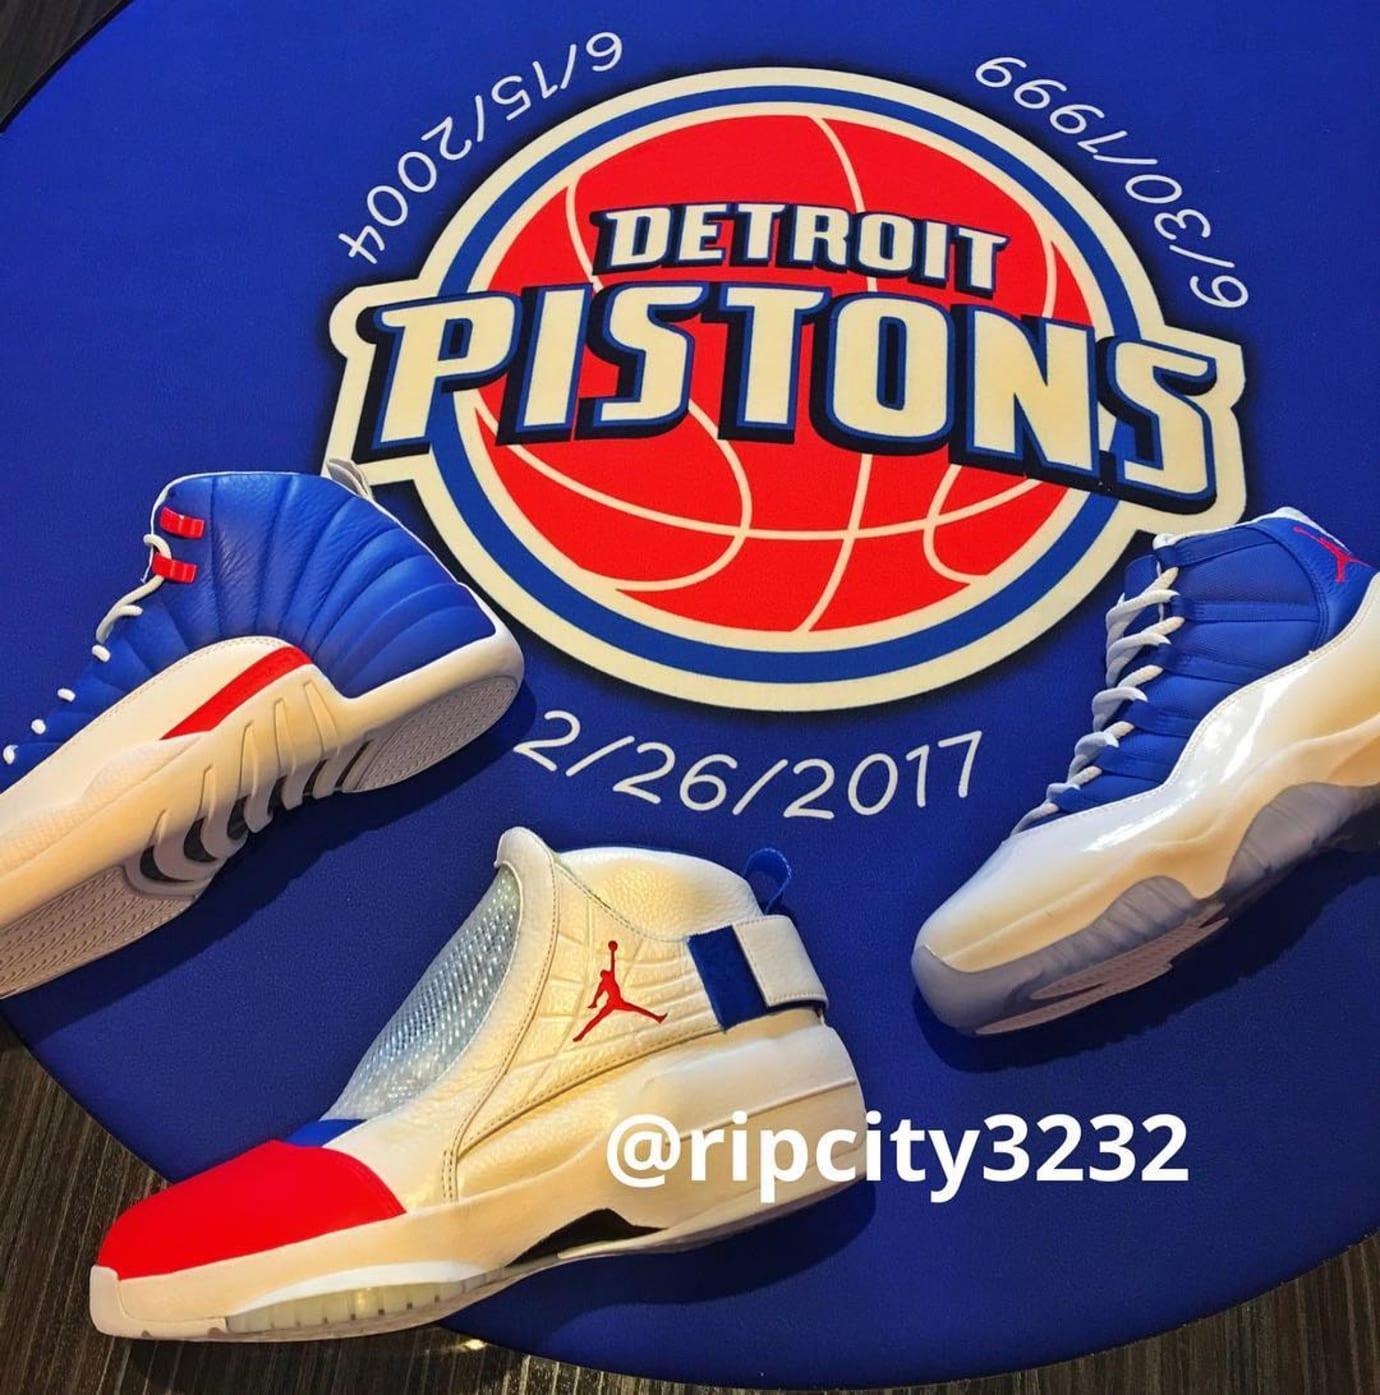 Rip Hamilton Air Jordan 11, 12 & 19 Detroit Pistons PE